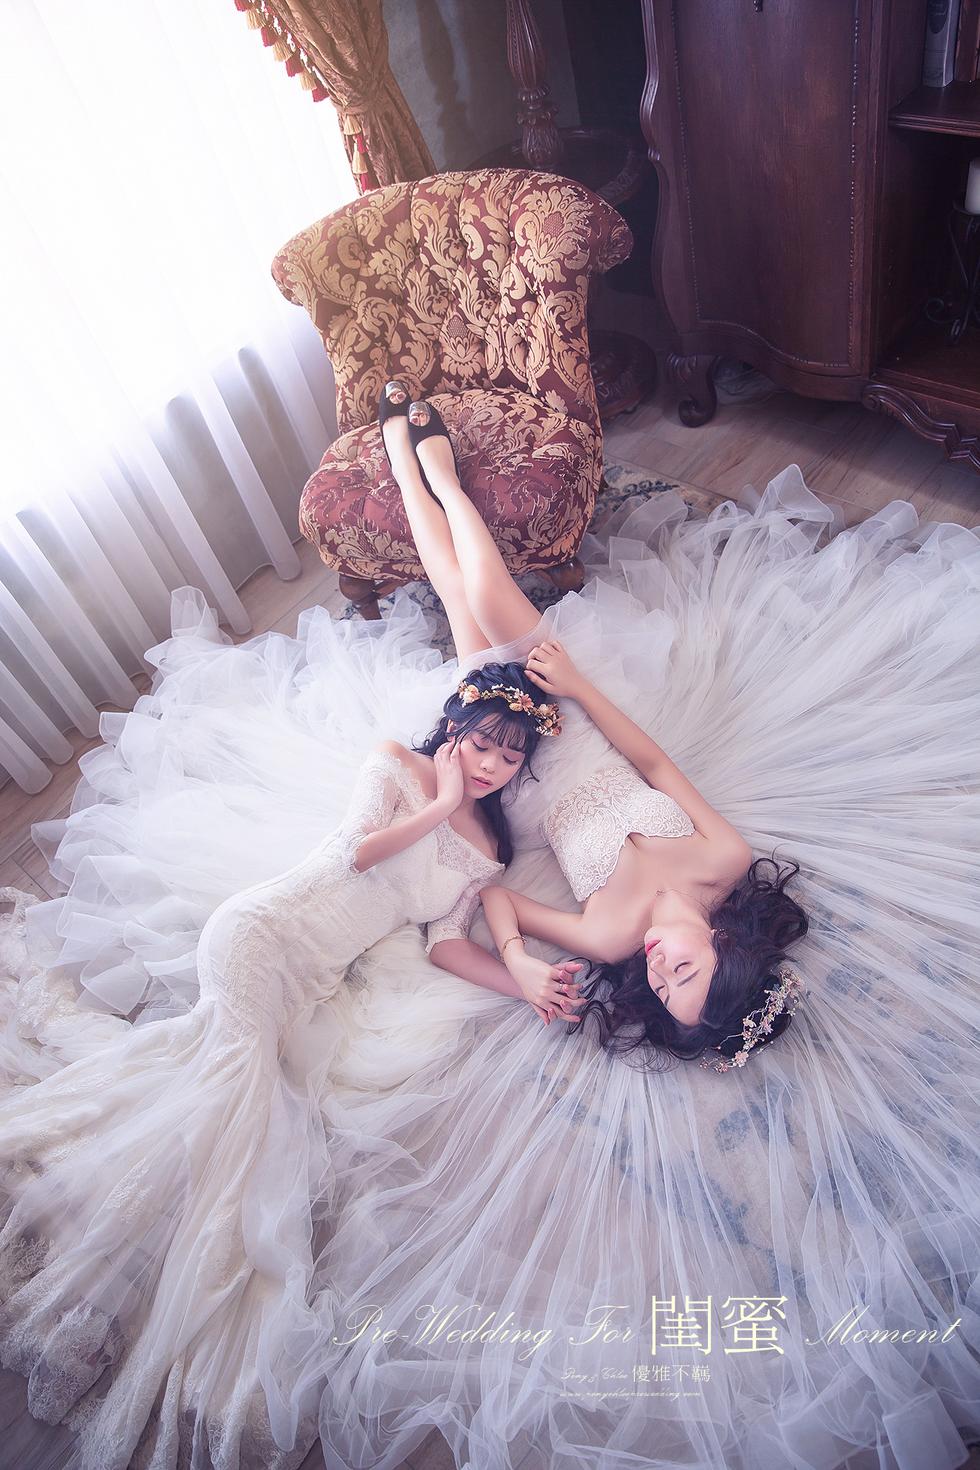 #閨蜜愛旅行  #閨蜜裝 #閨蜜婚紗 #閨蜜語錄 #生日禮物 #母親節禮物推薦 #wedding #photography #bridaldress #weddinggown #weddingphotography #weddingdressstudio191027-0100-搶先修.png